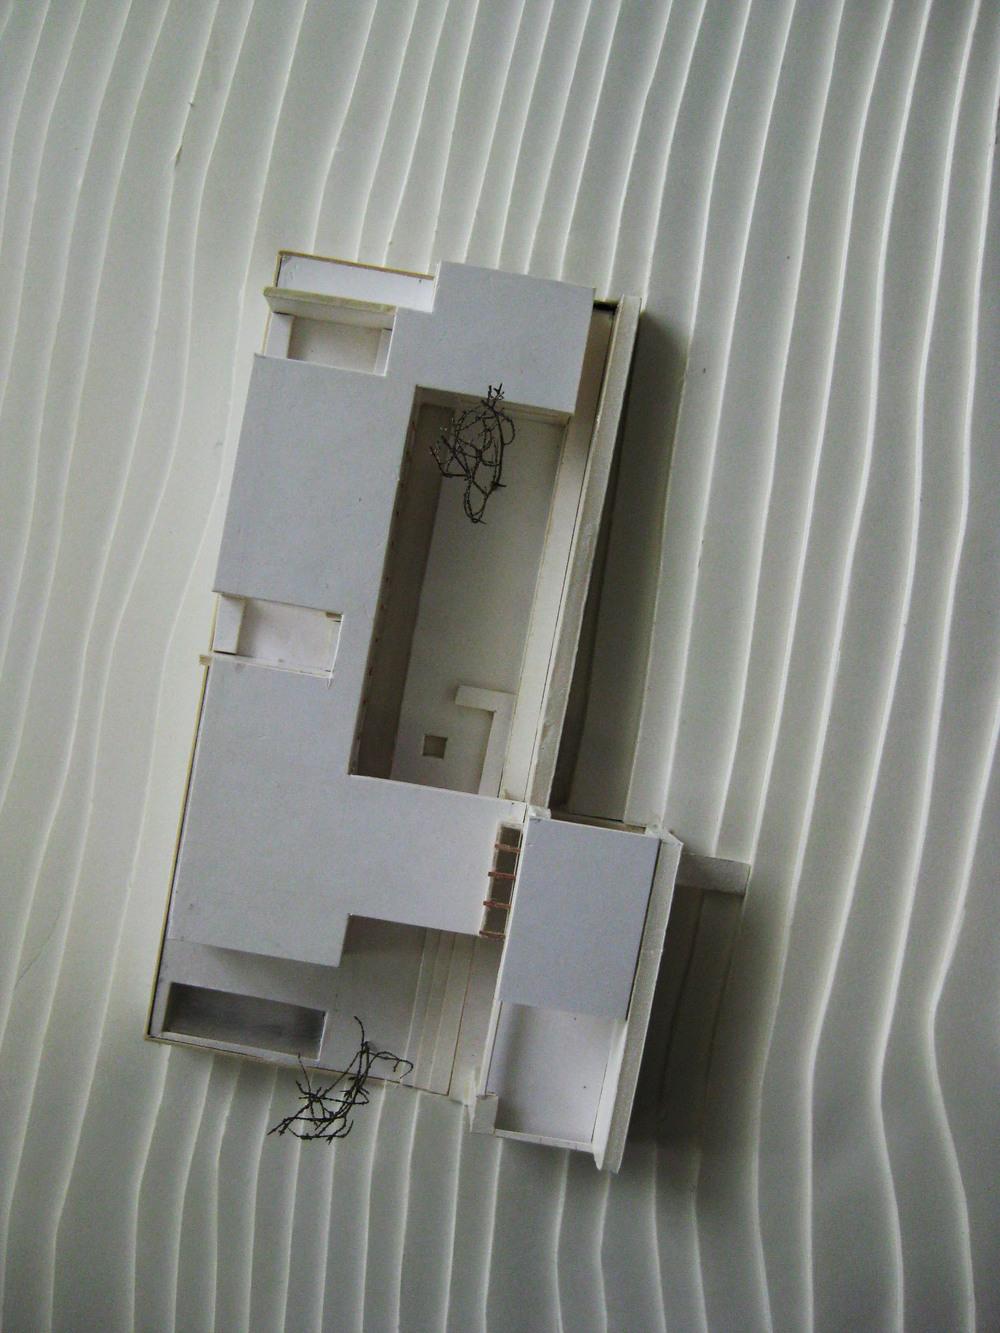 081031 house model 009.jpg